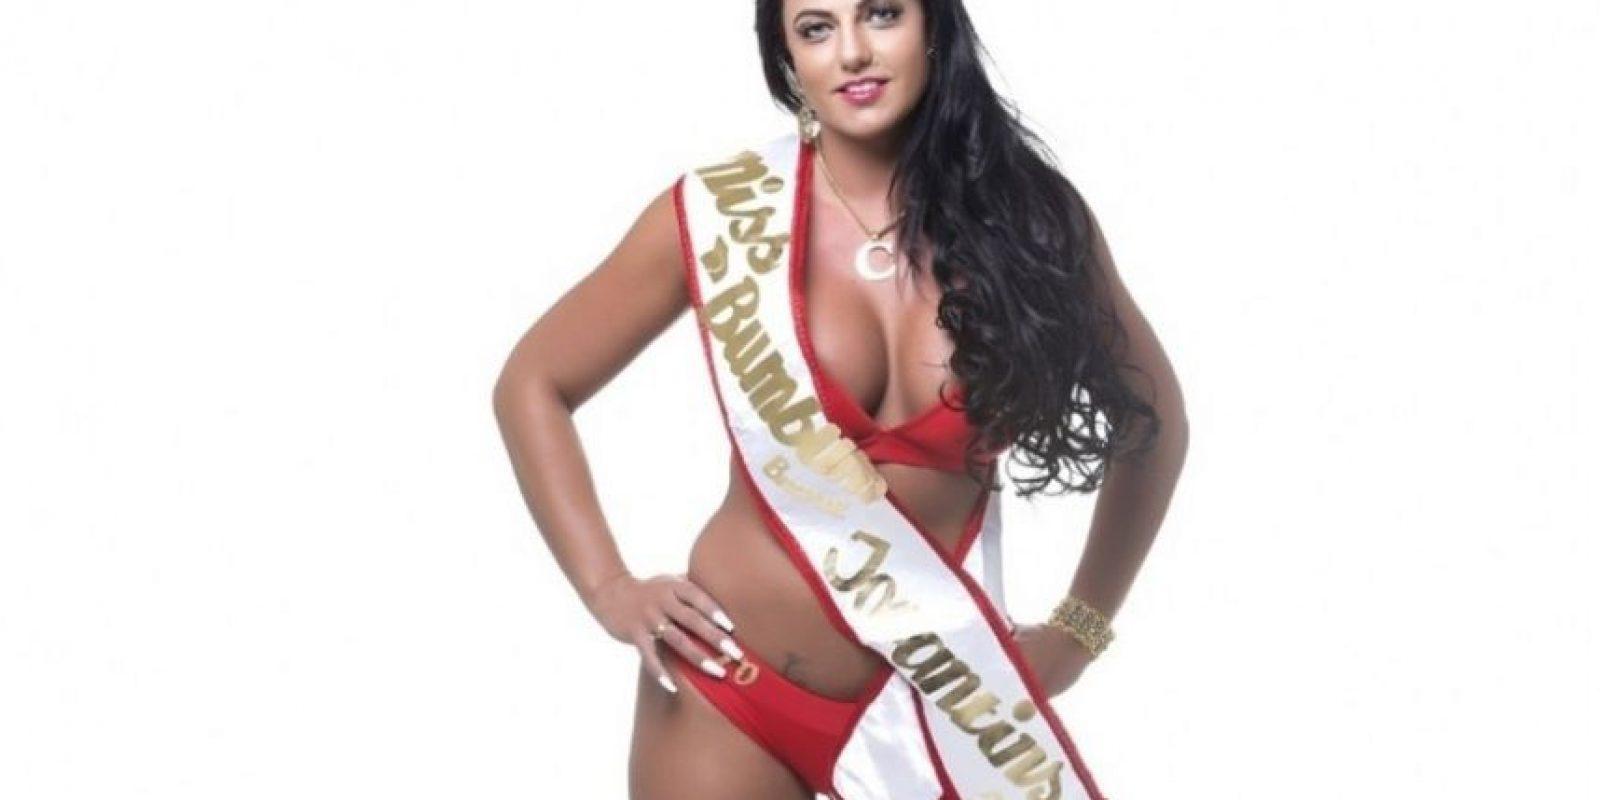 Es acusada de hackear el sistema para obtener más votos Foto:Missbumbumbrasil.com.br